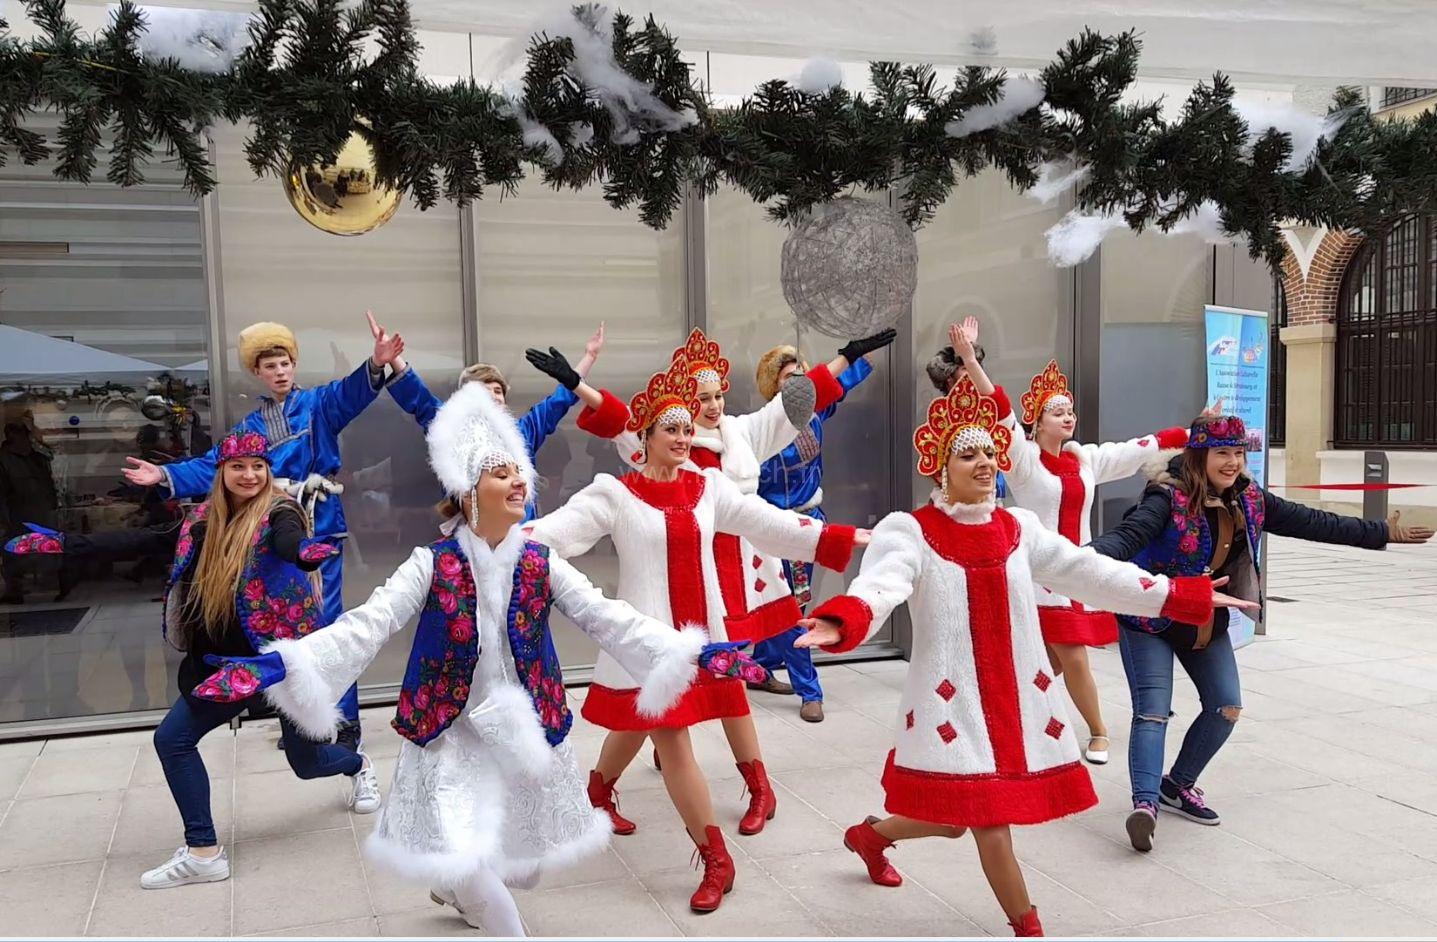 Русский праздник  в Центре Парижа | Les festivités russes au Centre de Paris